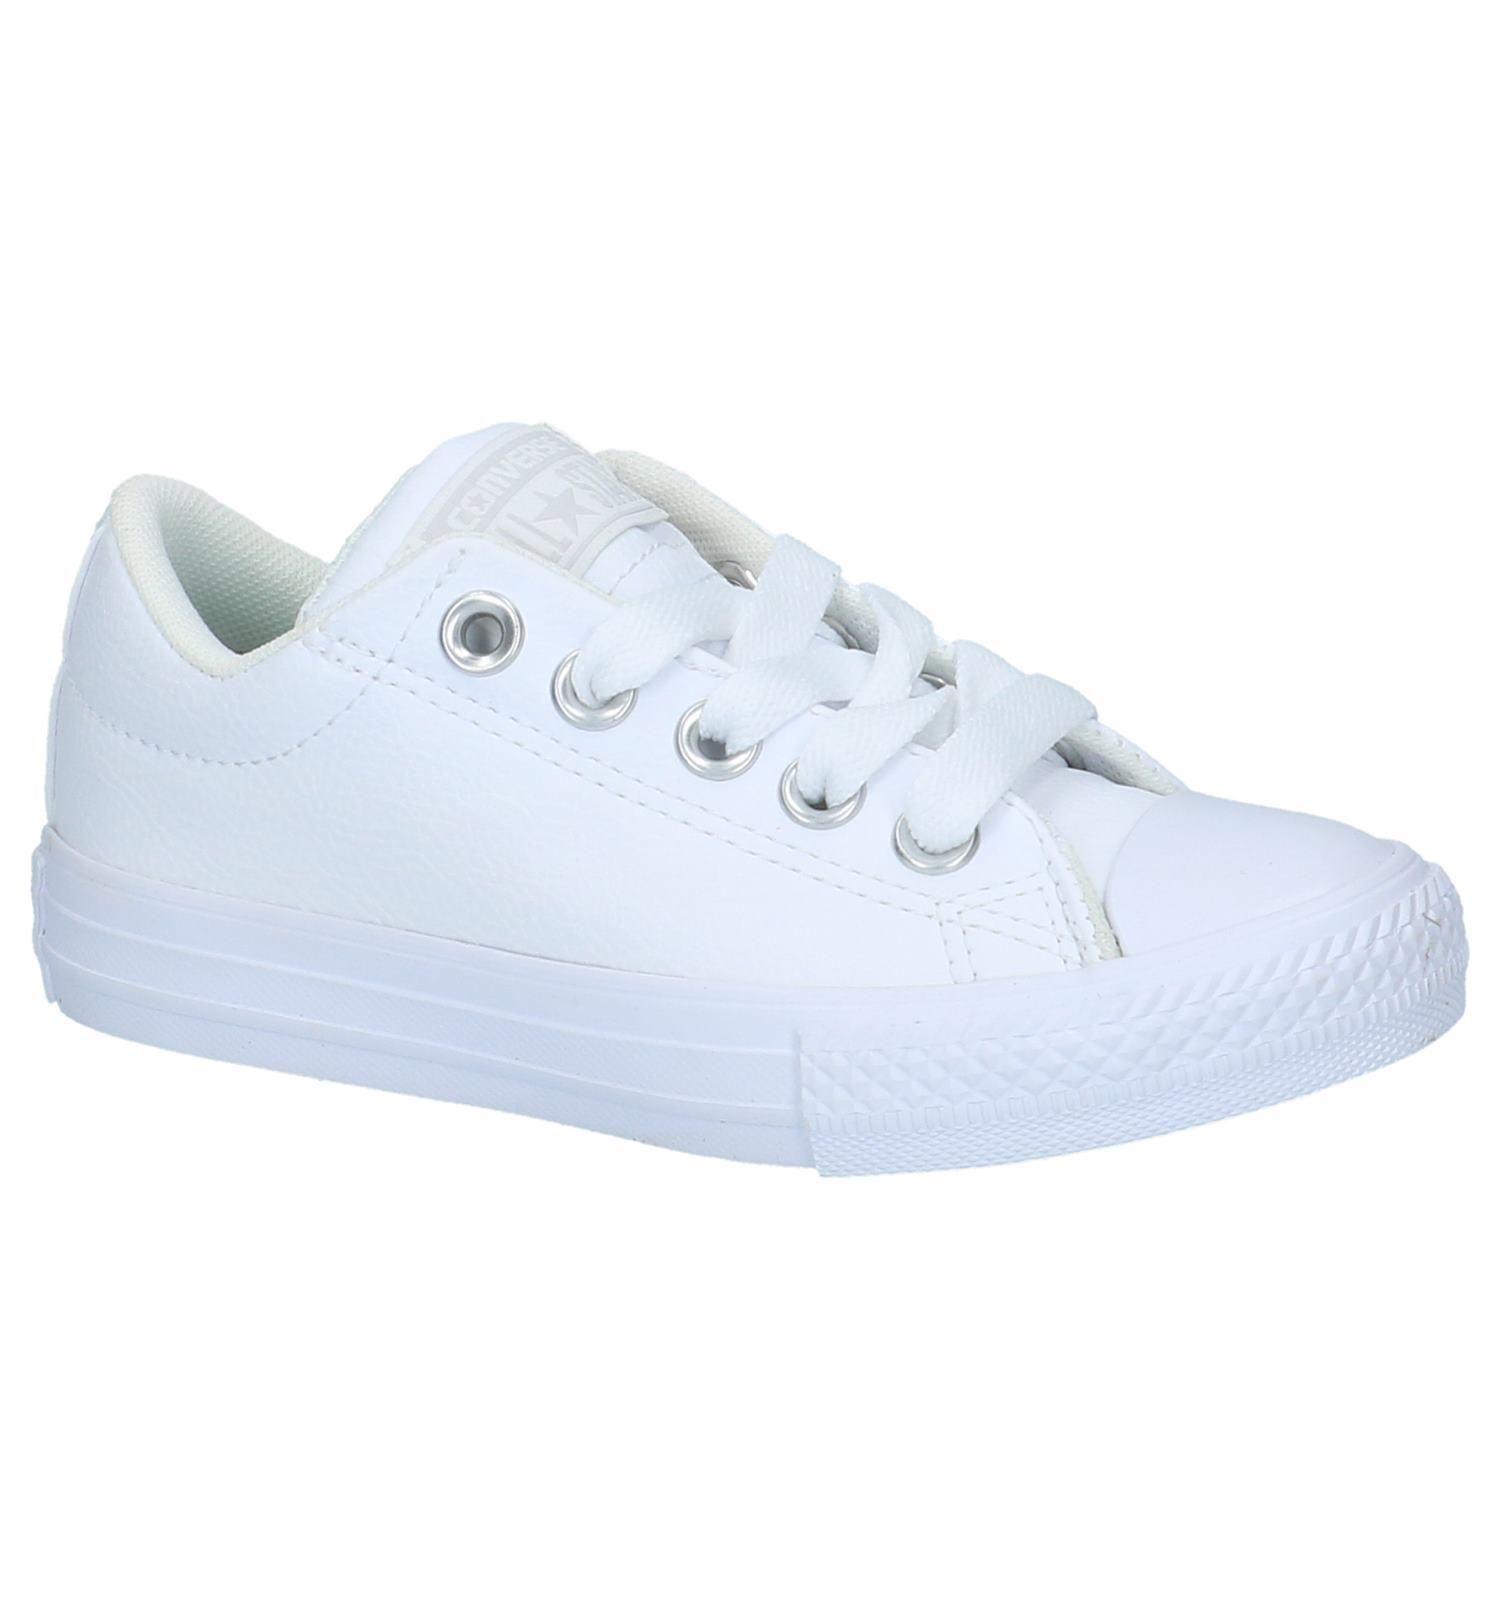 827ec4dcbe6 Witte Lage Sportieve Sneakers Converse All Star Chuck Taylor Street    SCHOENENTORFS.NL   Gratis verzend en retour